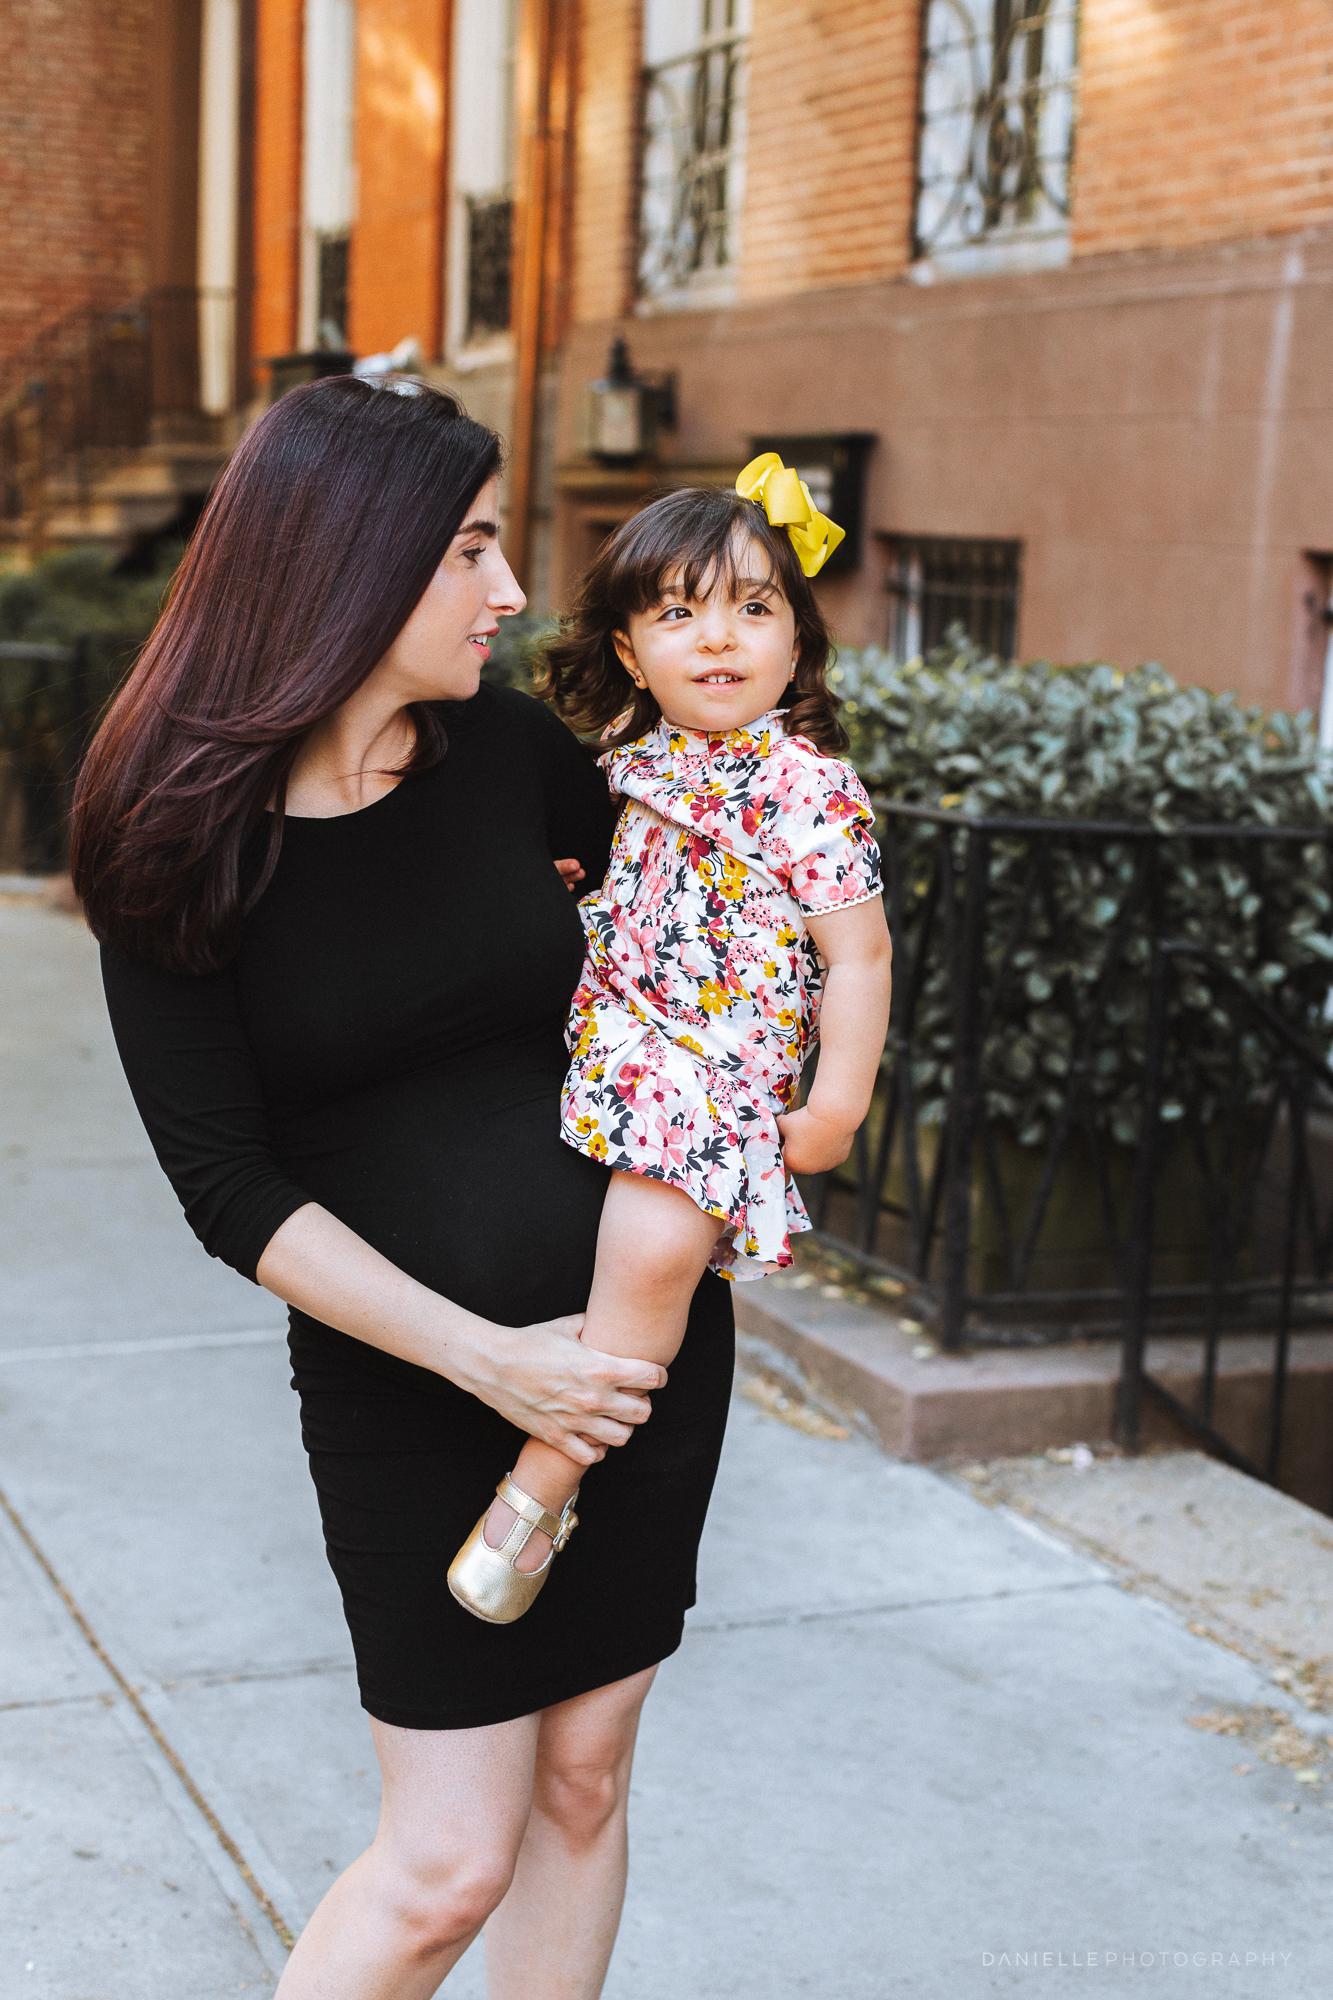 @DaniellePhotographySA_Family_New_York_Maternity_Photos-75.jpg